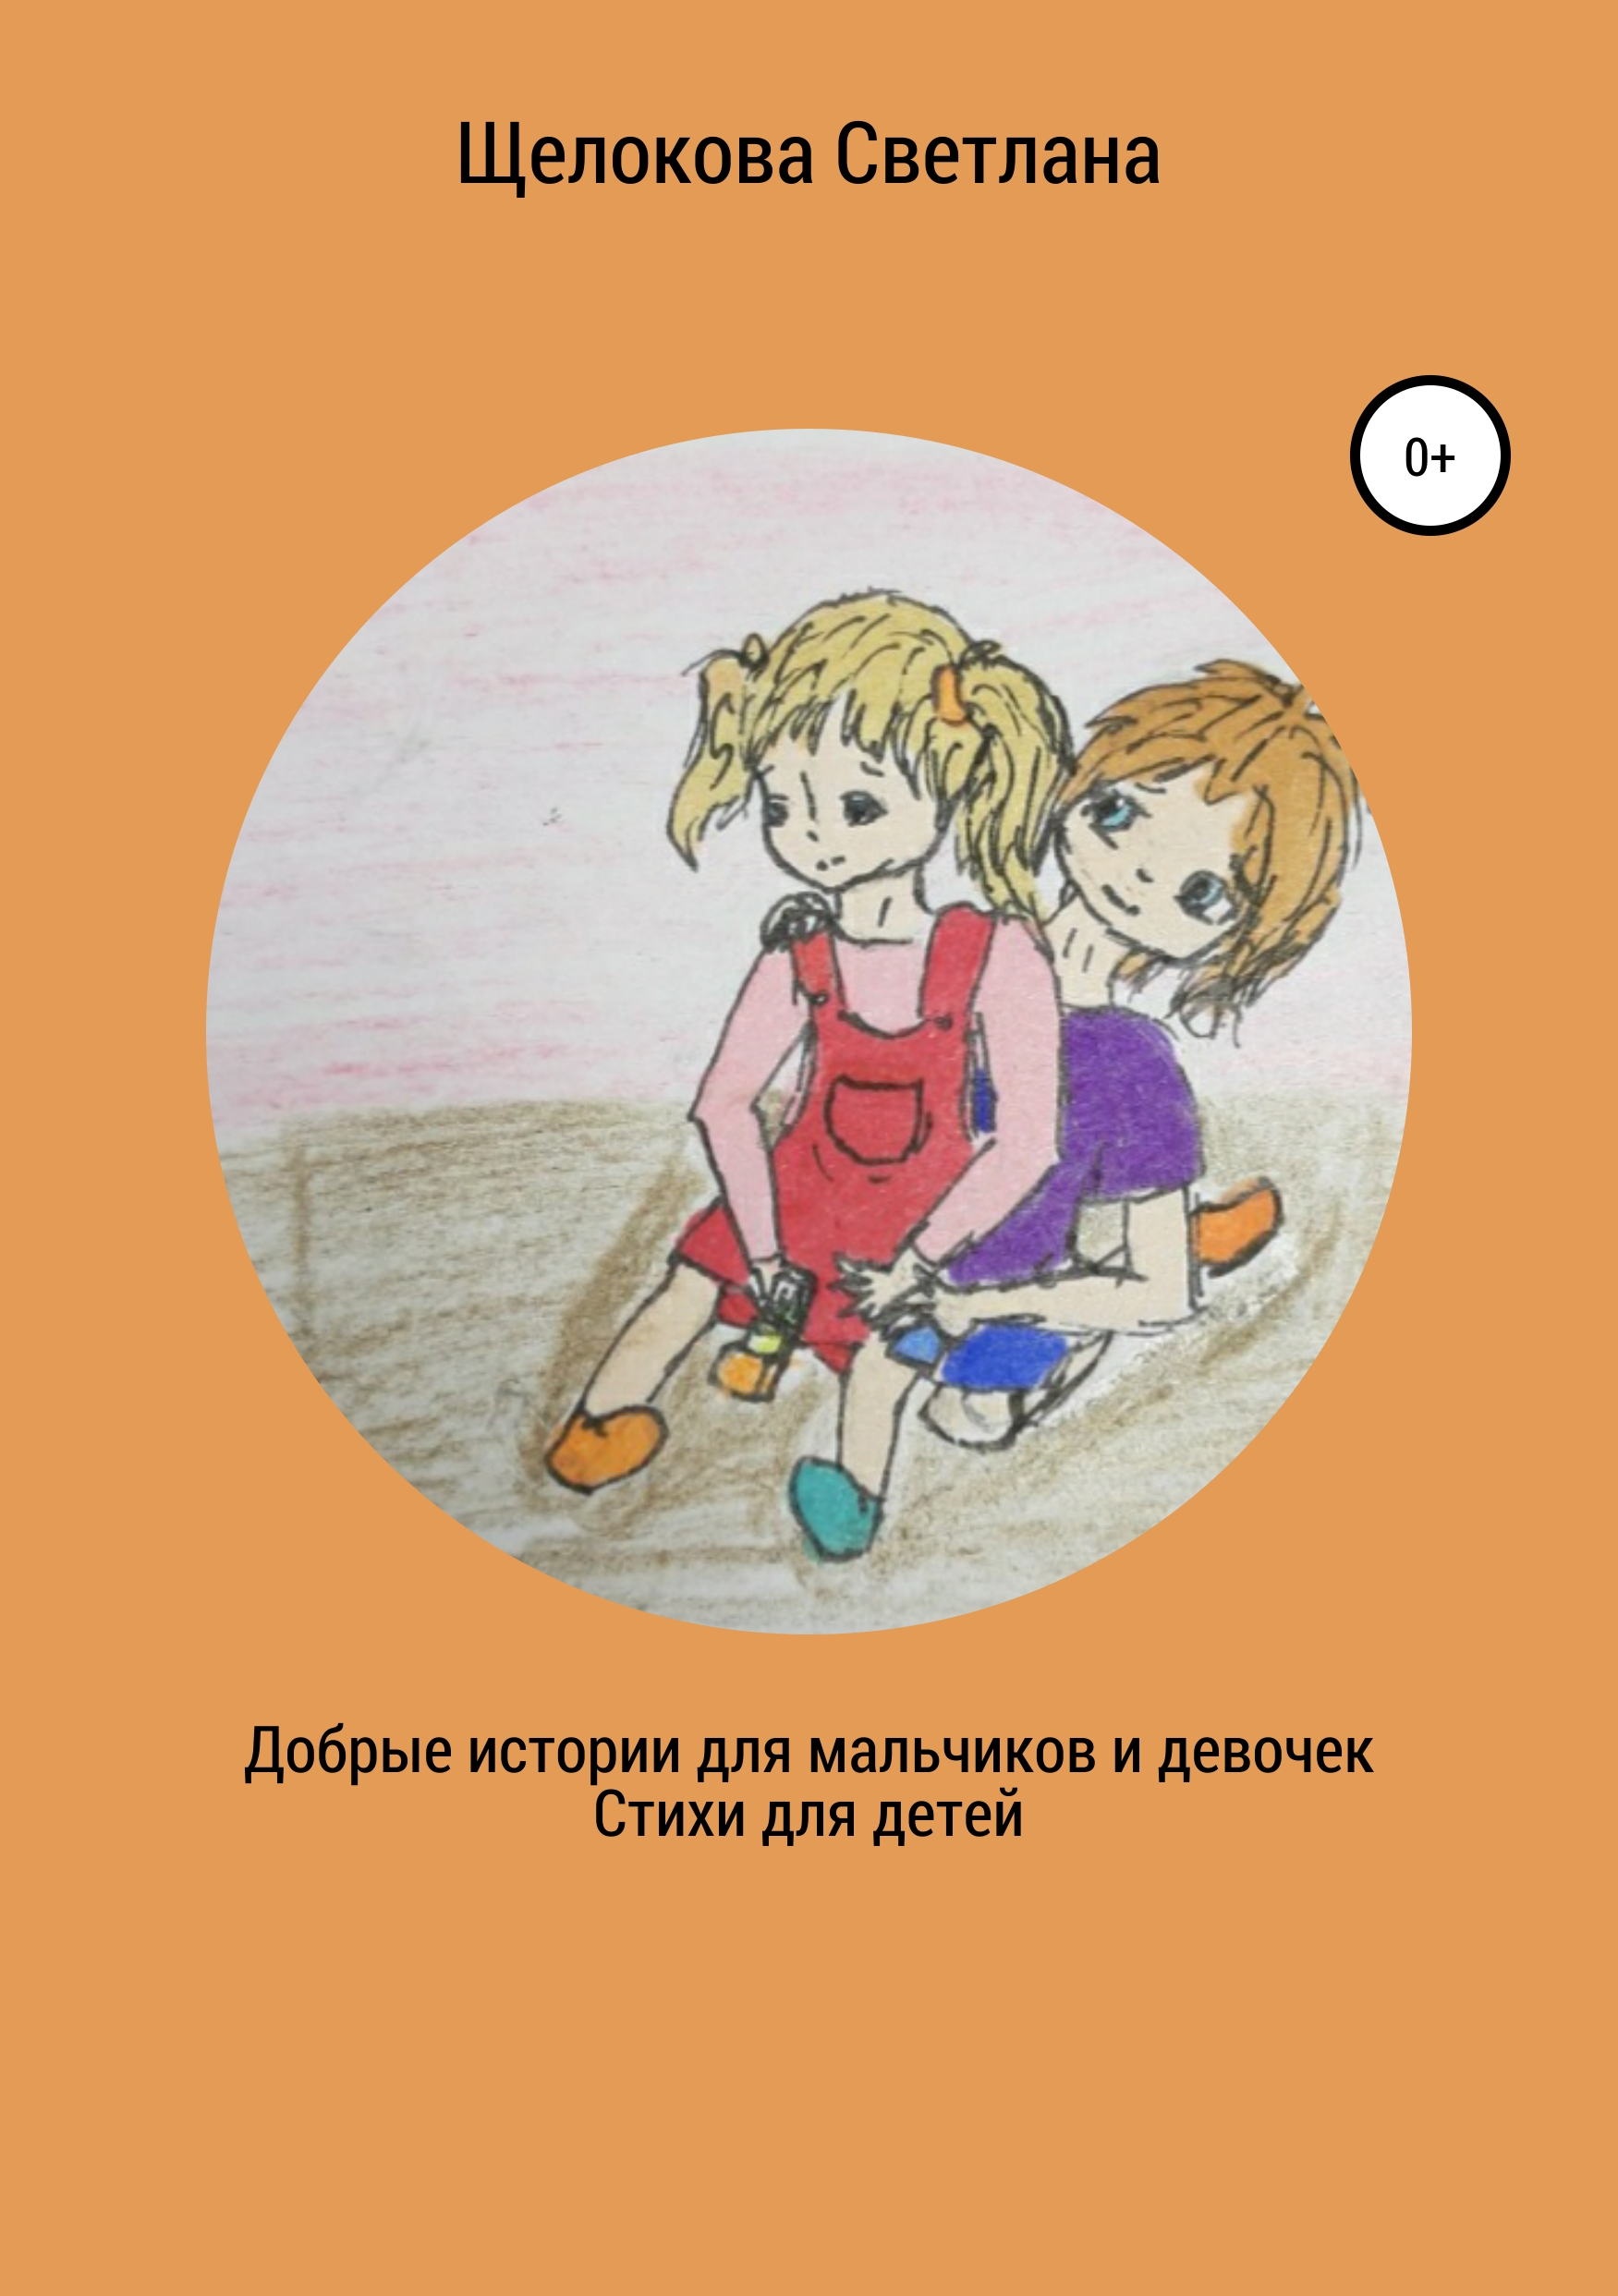 Купить книгу Добрые истории для мальчиков и девочек (стихи для детей), автора Светланы Щелоковой